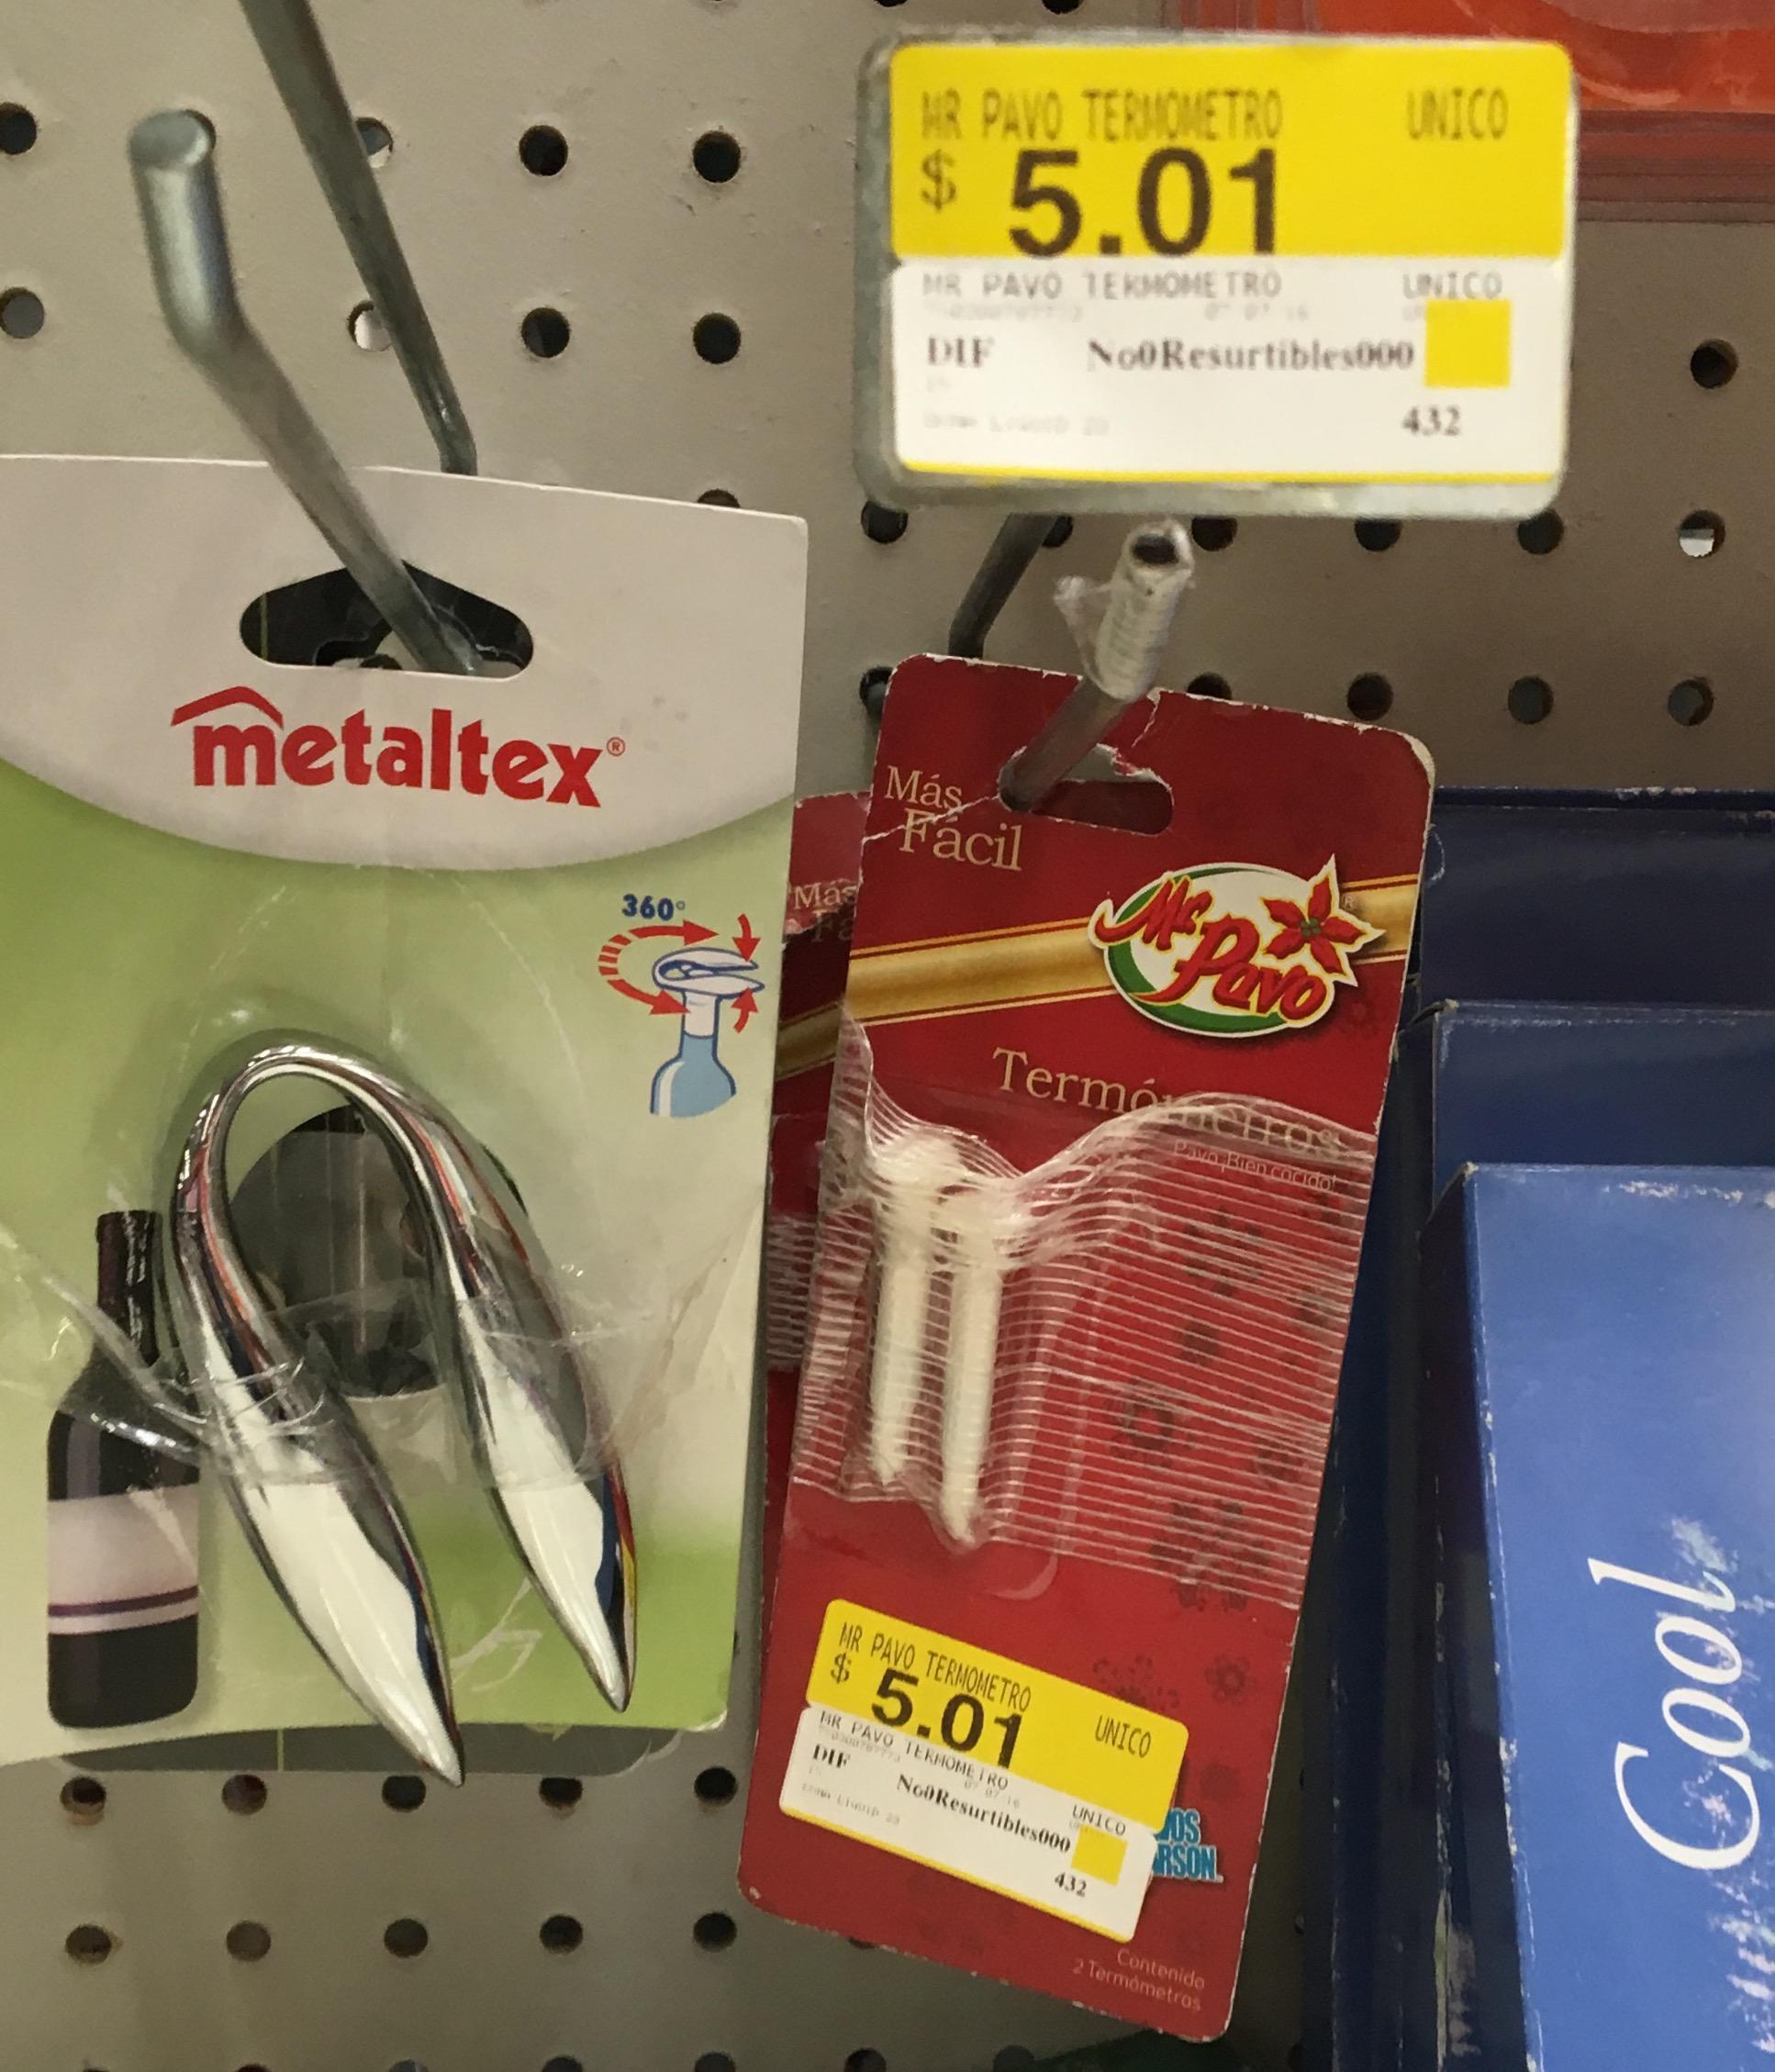 Walmart Tasqueña: termómetro para pavo bien cocido marca Mr. Pavo a $5.01